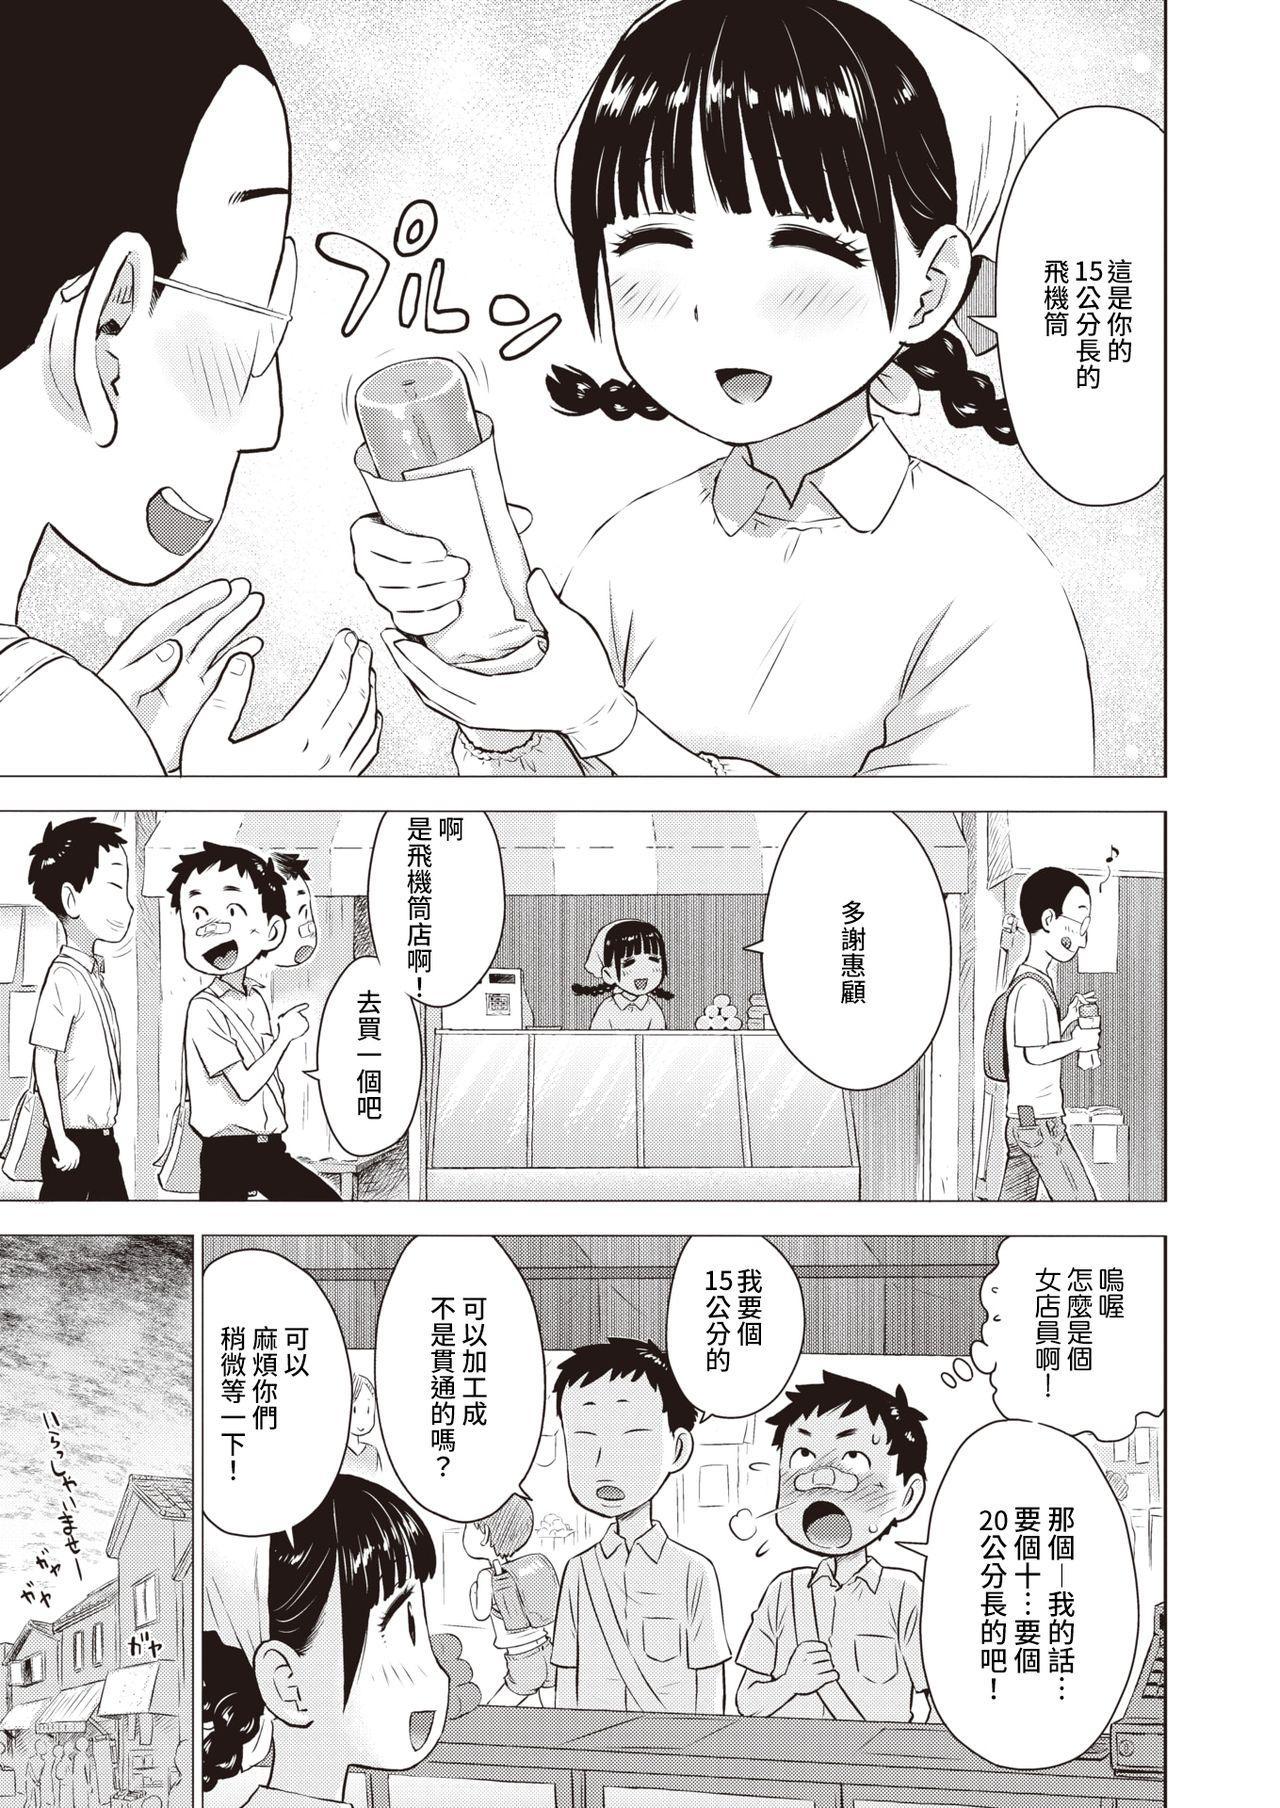 [Karma Tatsurou] Naho-chan wa Onahoya-san (WEEKLY Kairakuten 2021 No.31) [Chinese] [裸單騎漢化] 2